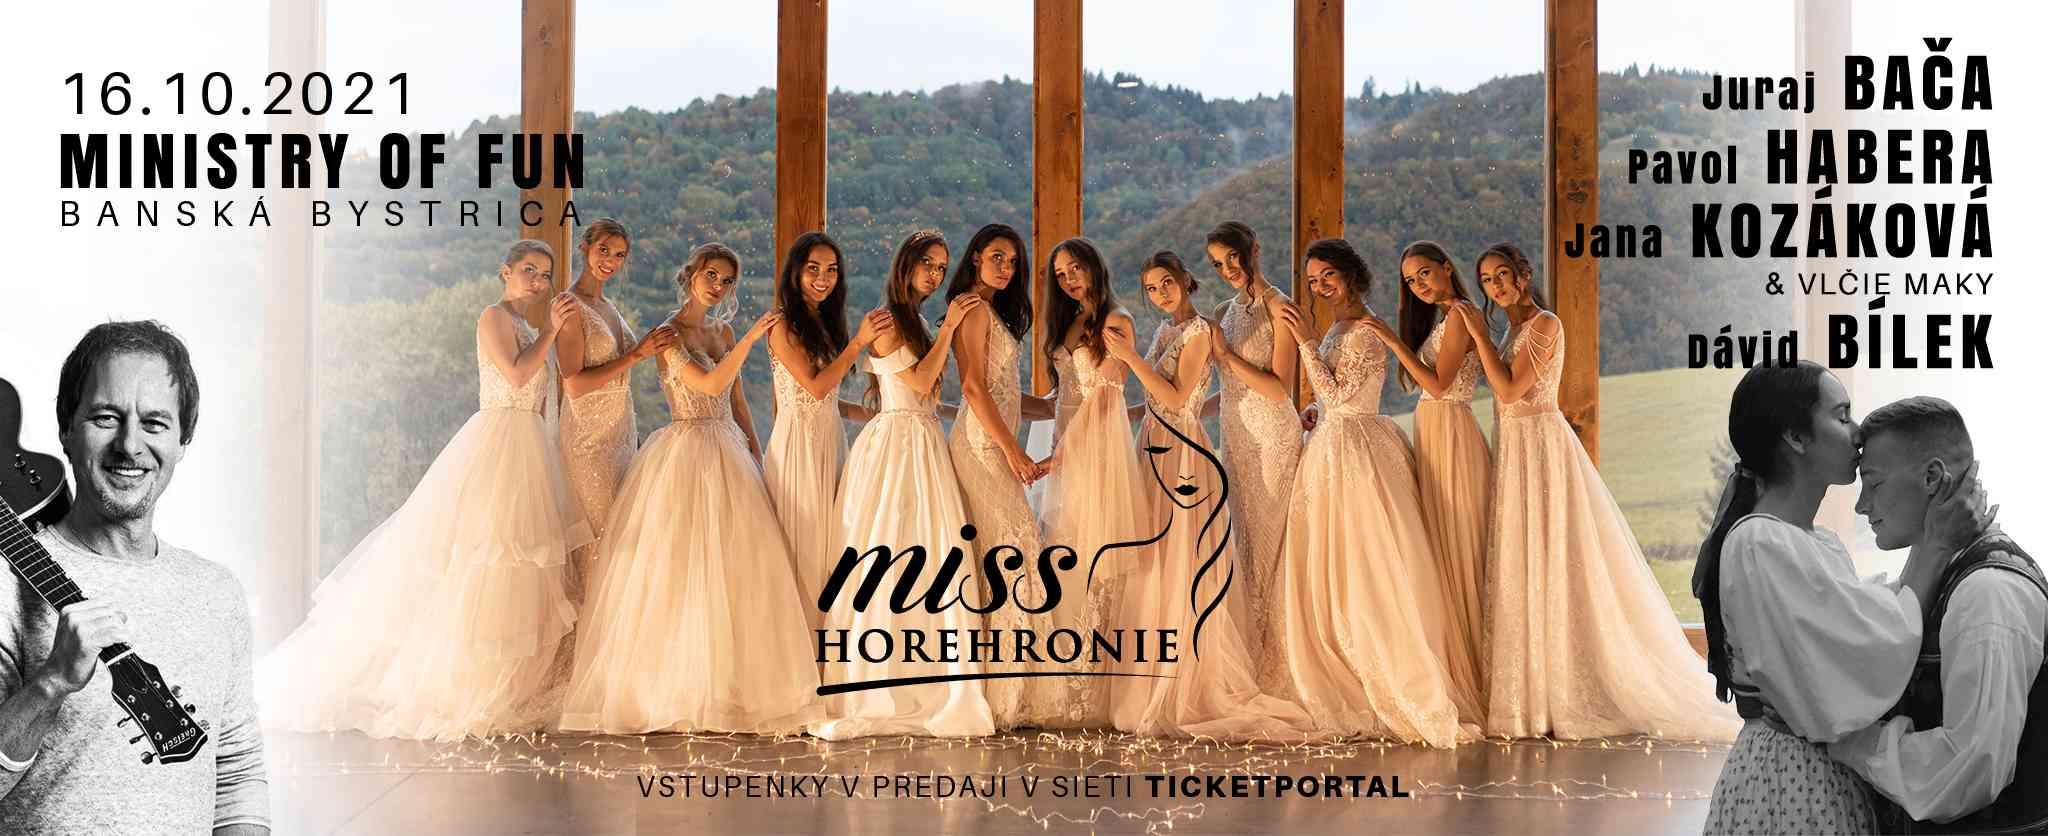 picture MISS HOREHRONIE 20/21